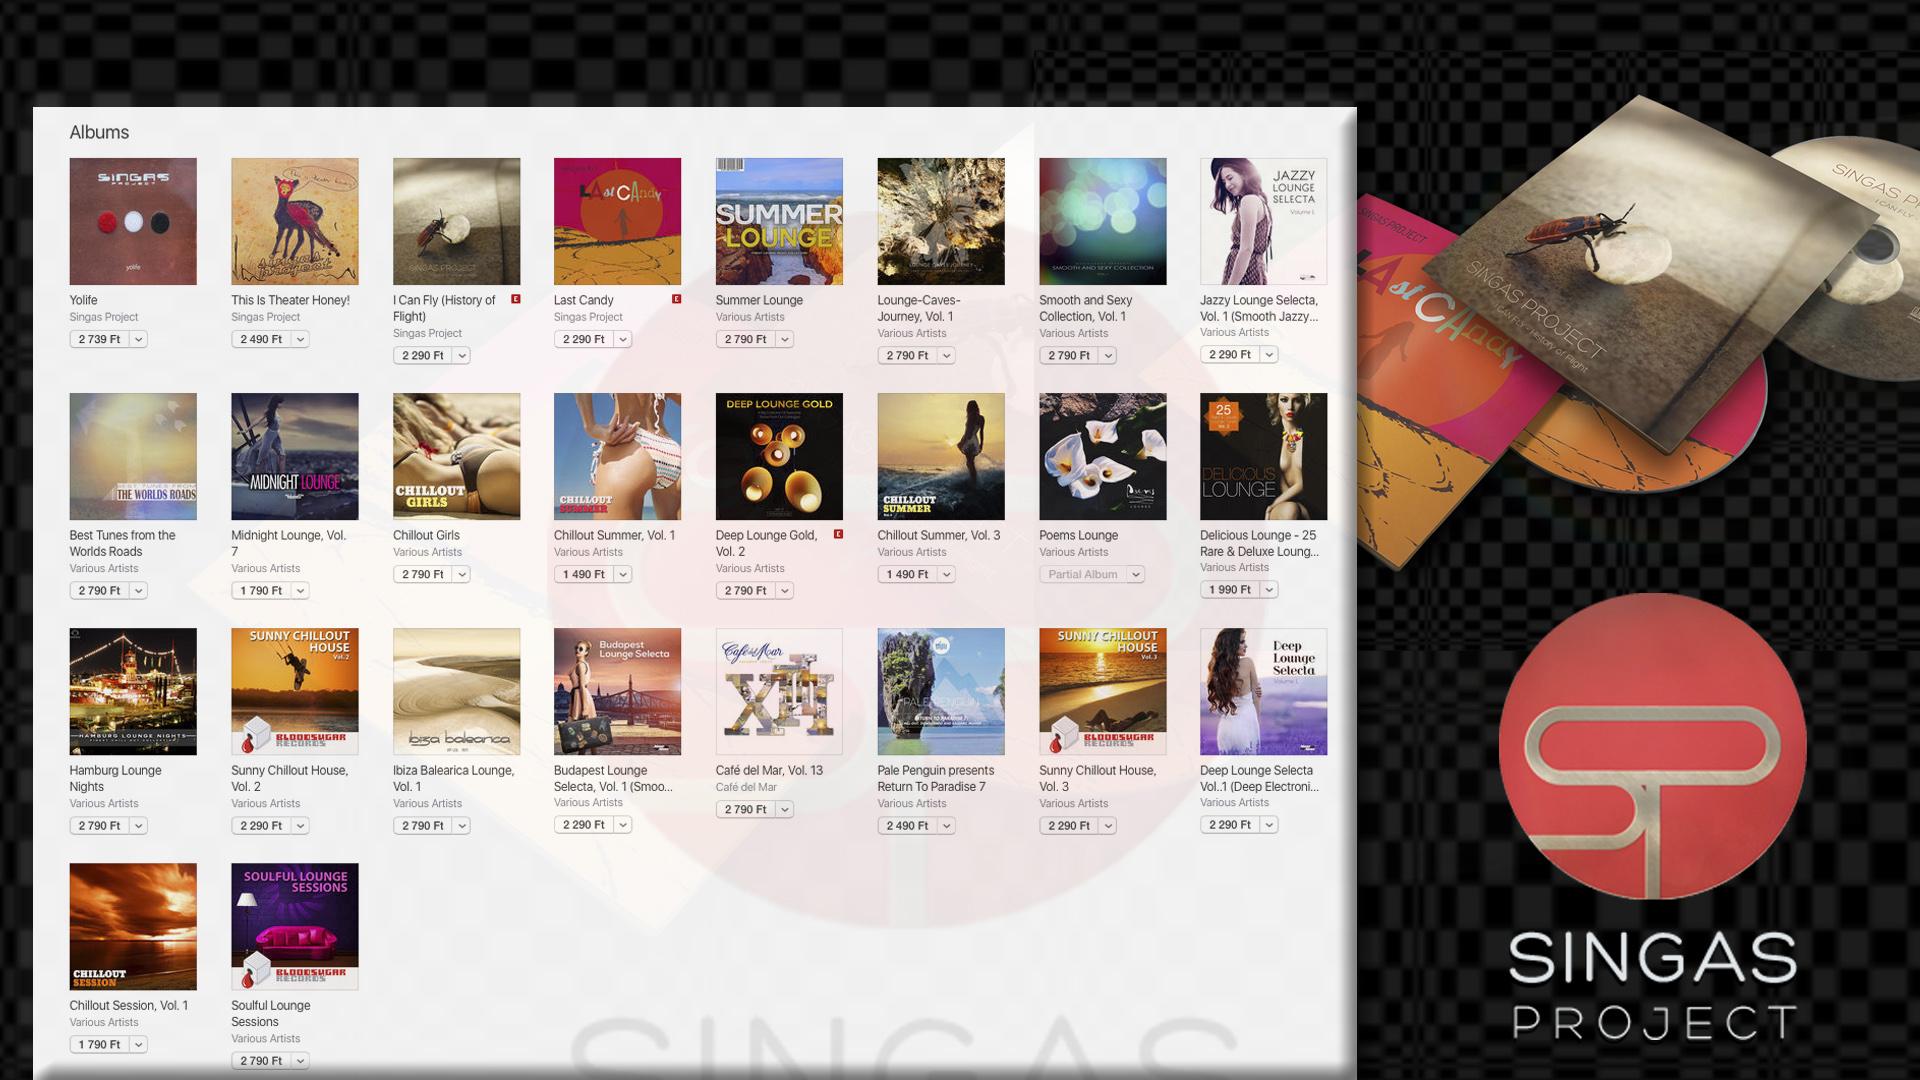 Singas albums showcase